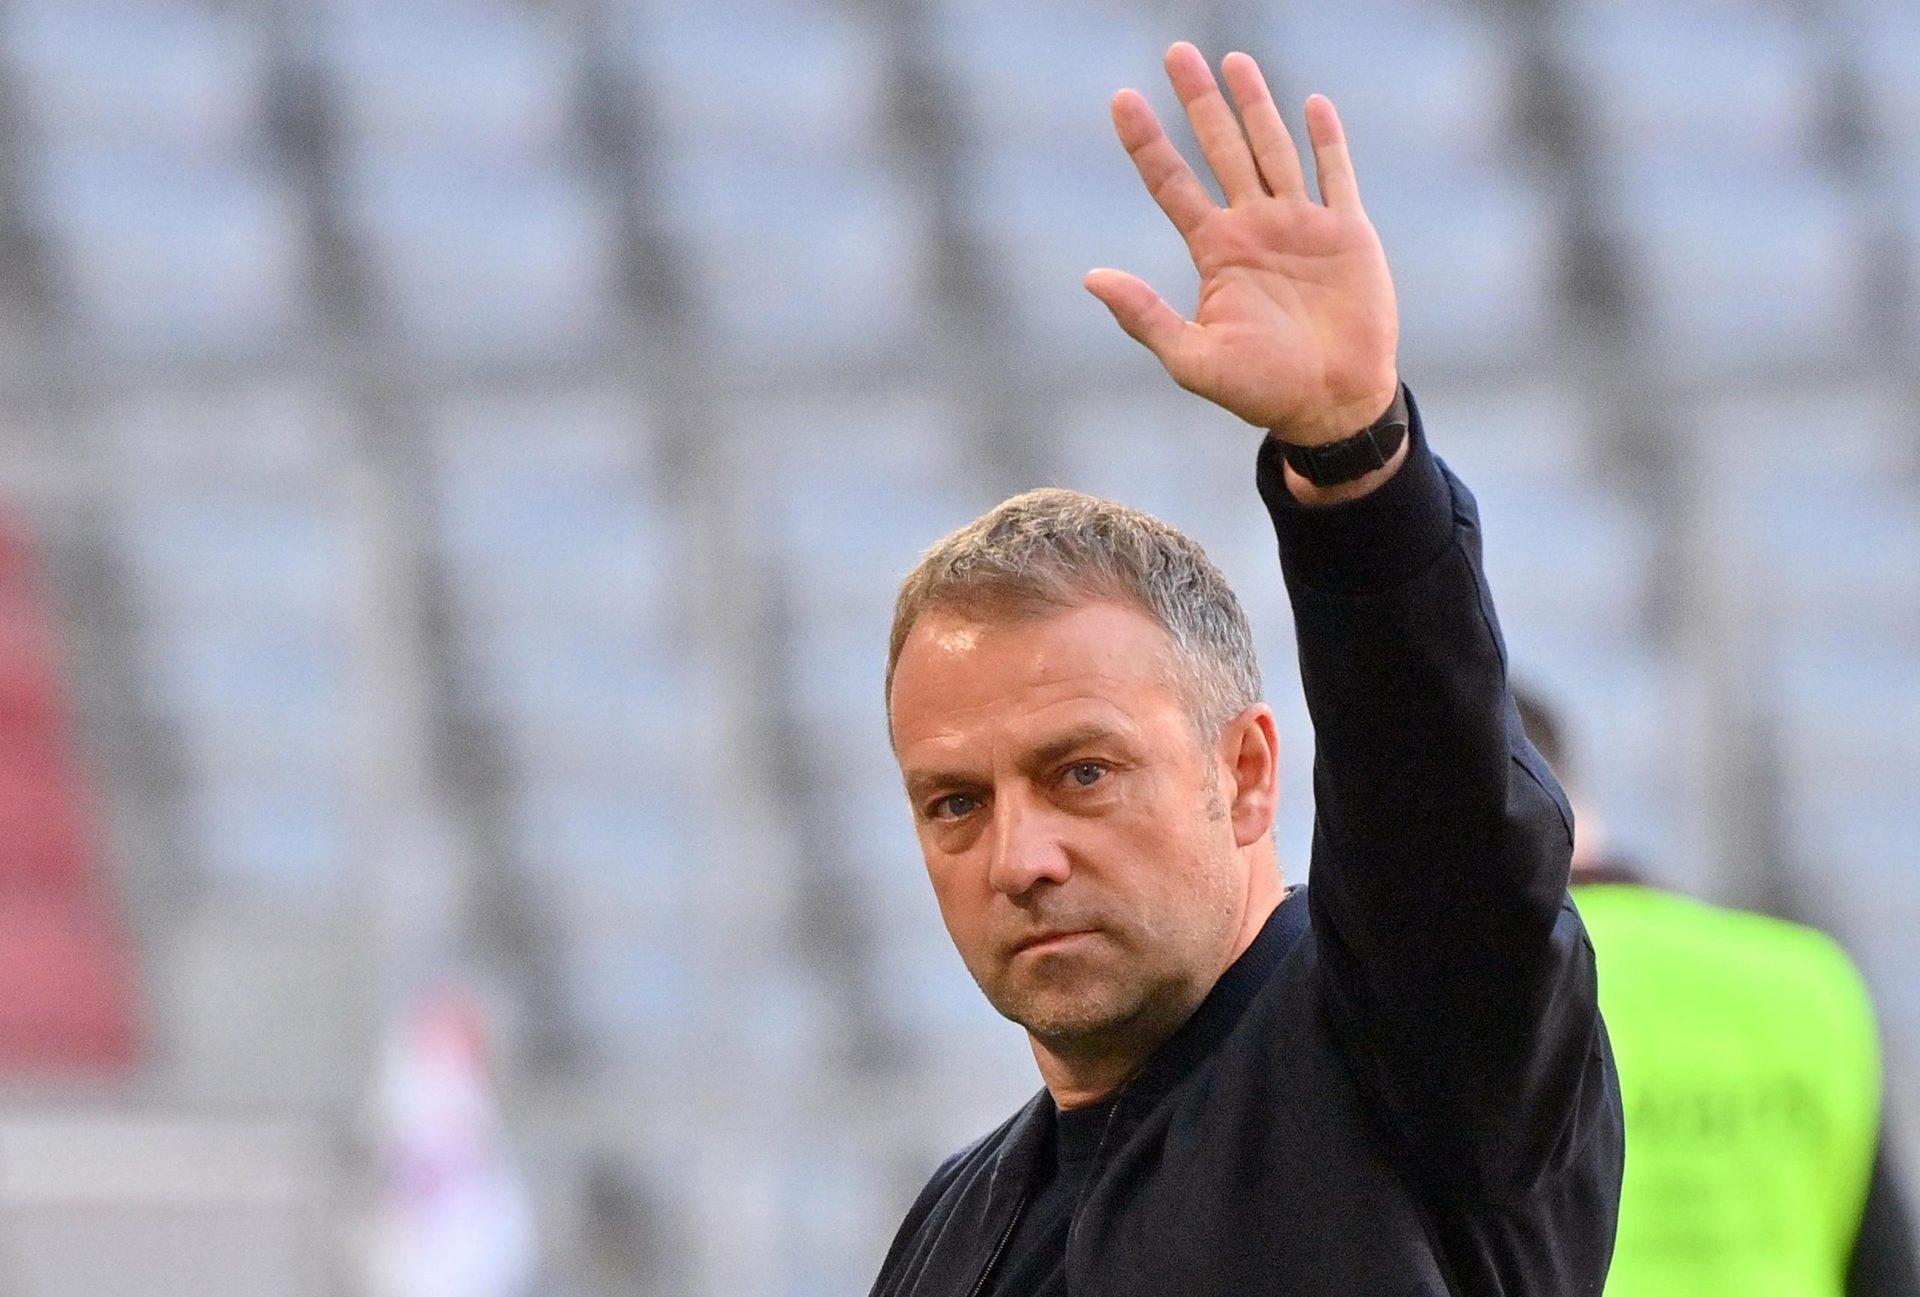 Löw-Nachfolge geklärt: Flick wird nach EM Bundestrainer Nationalmannschaft